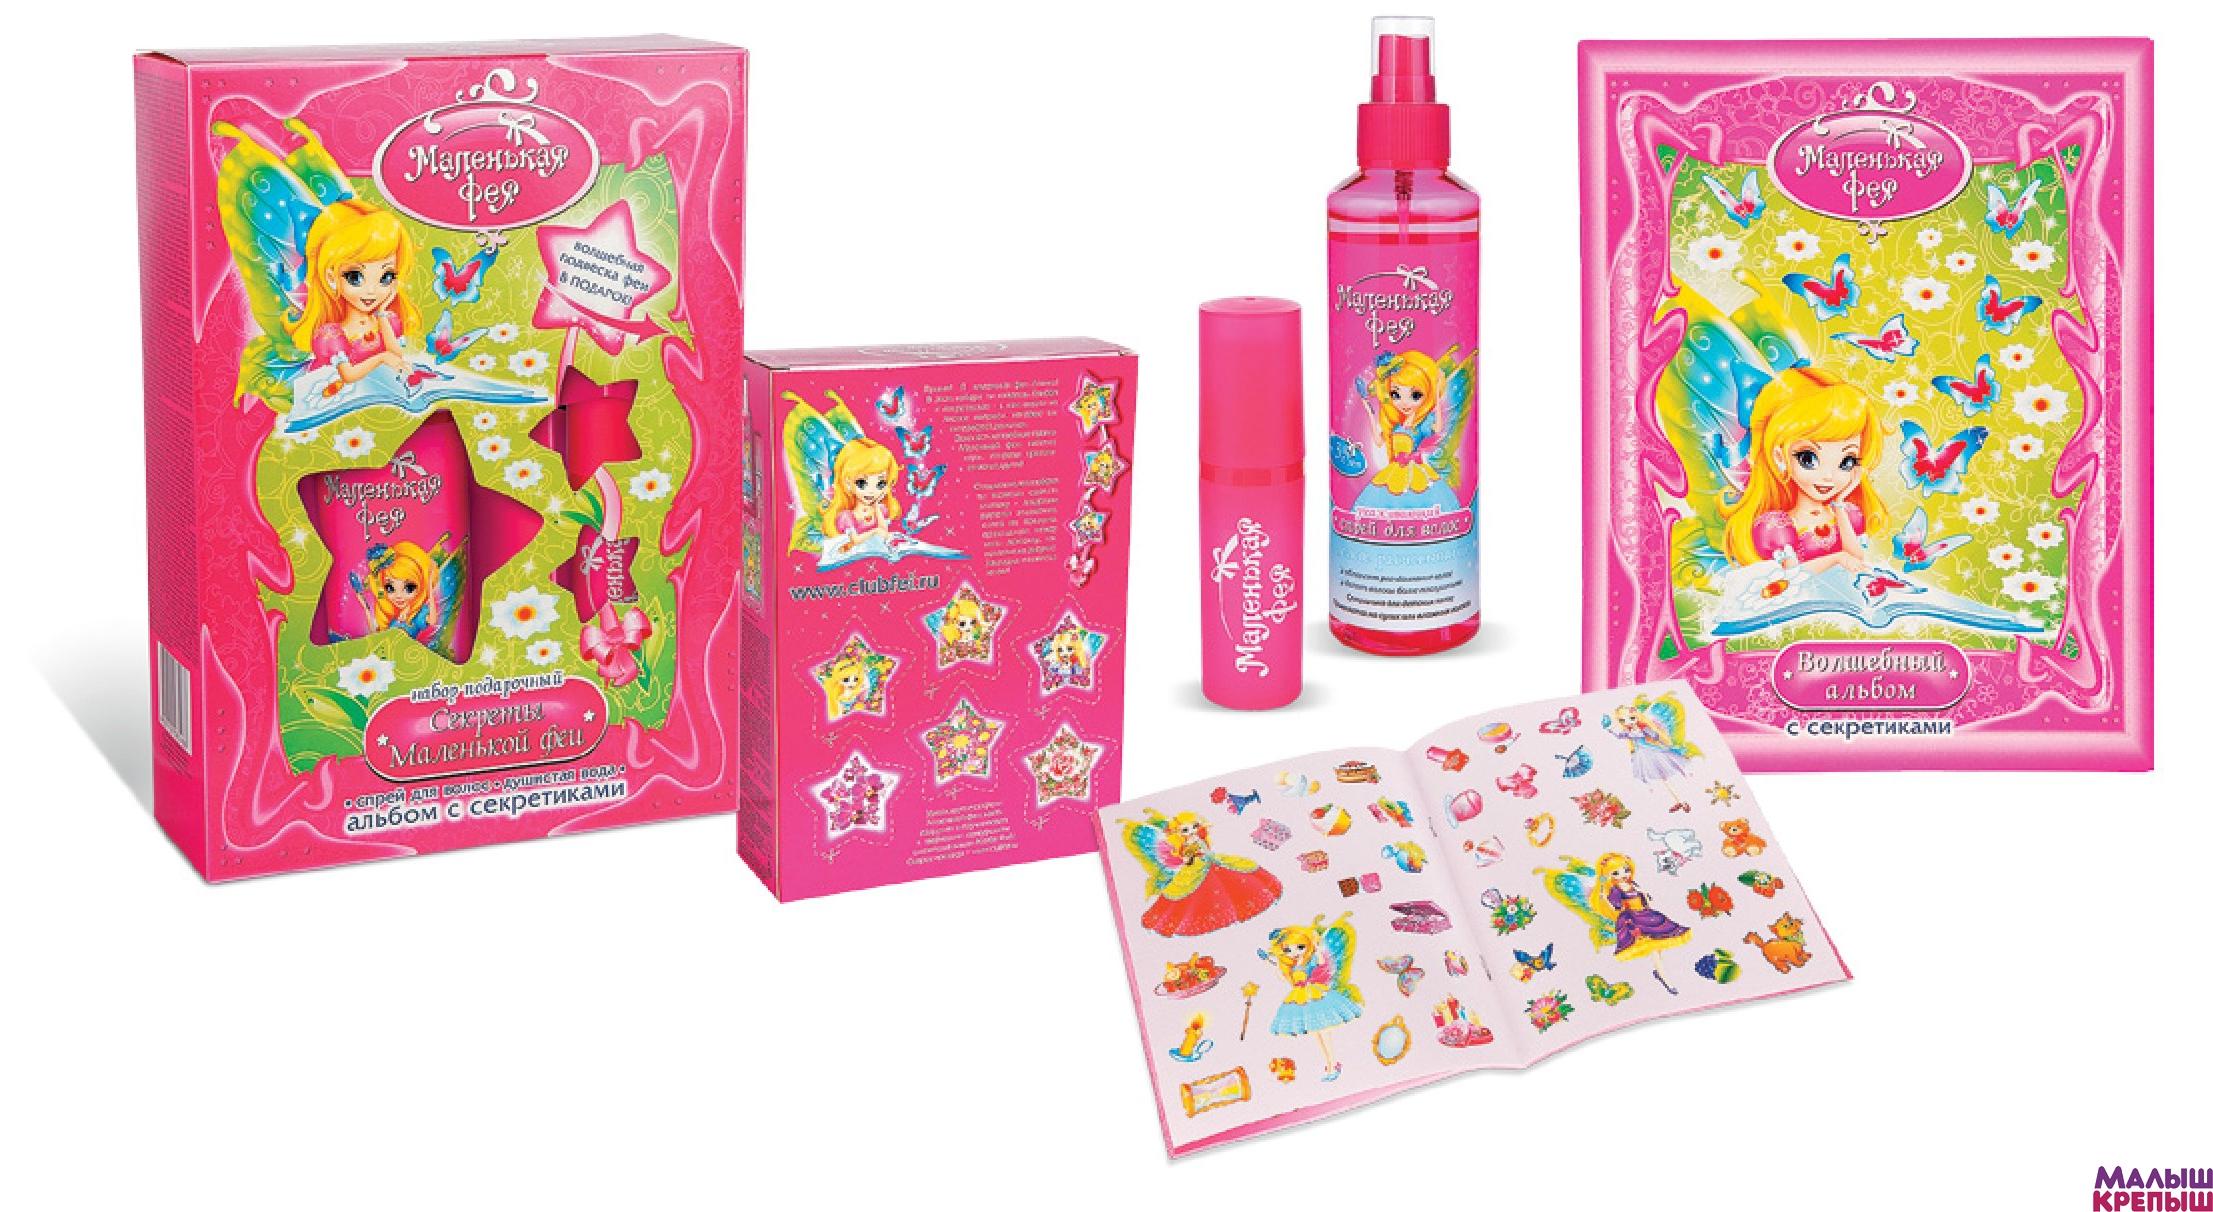 Набор детской косметики пермь